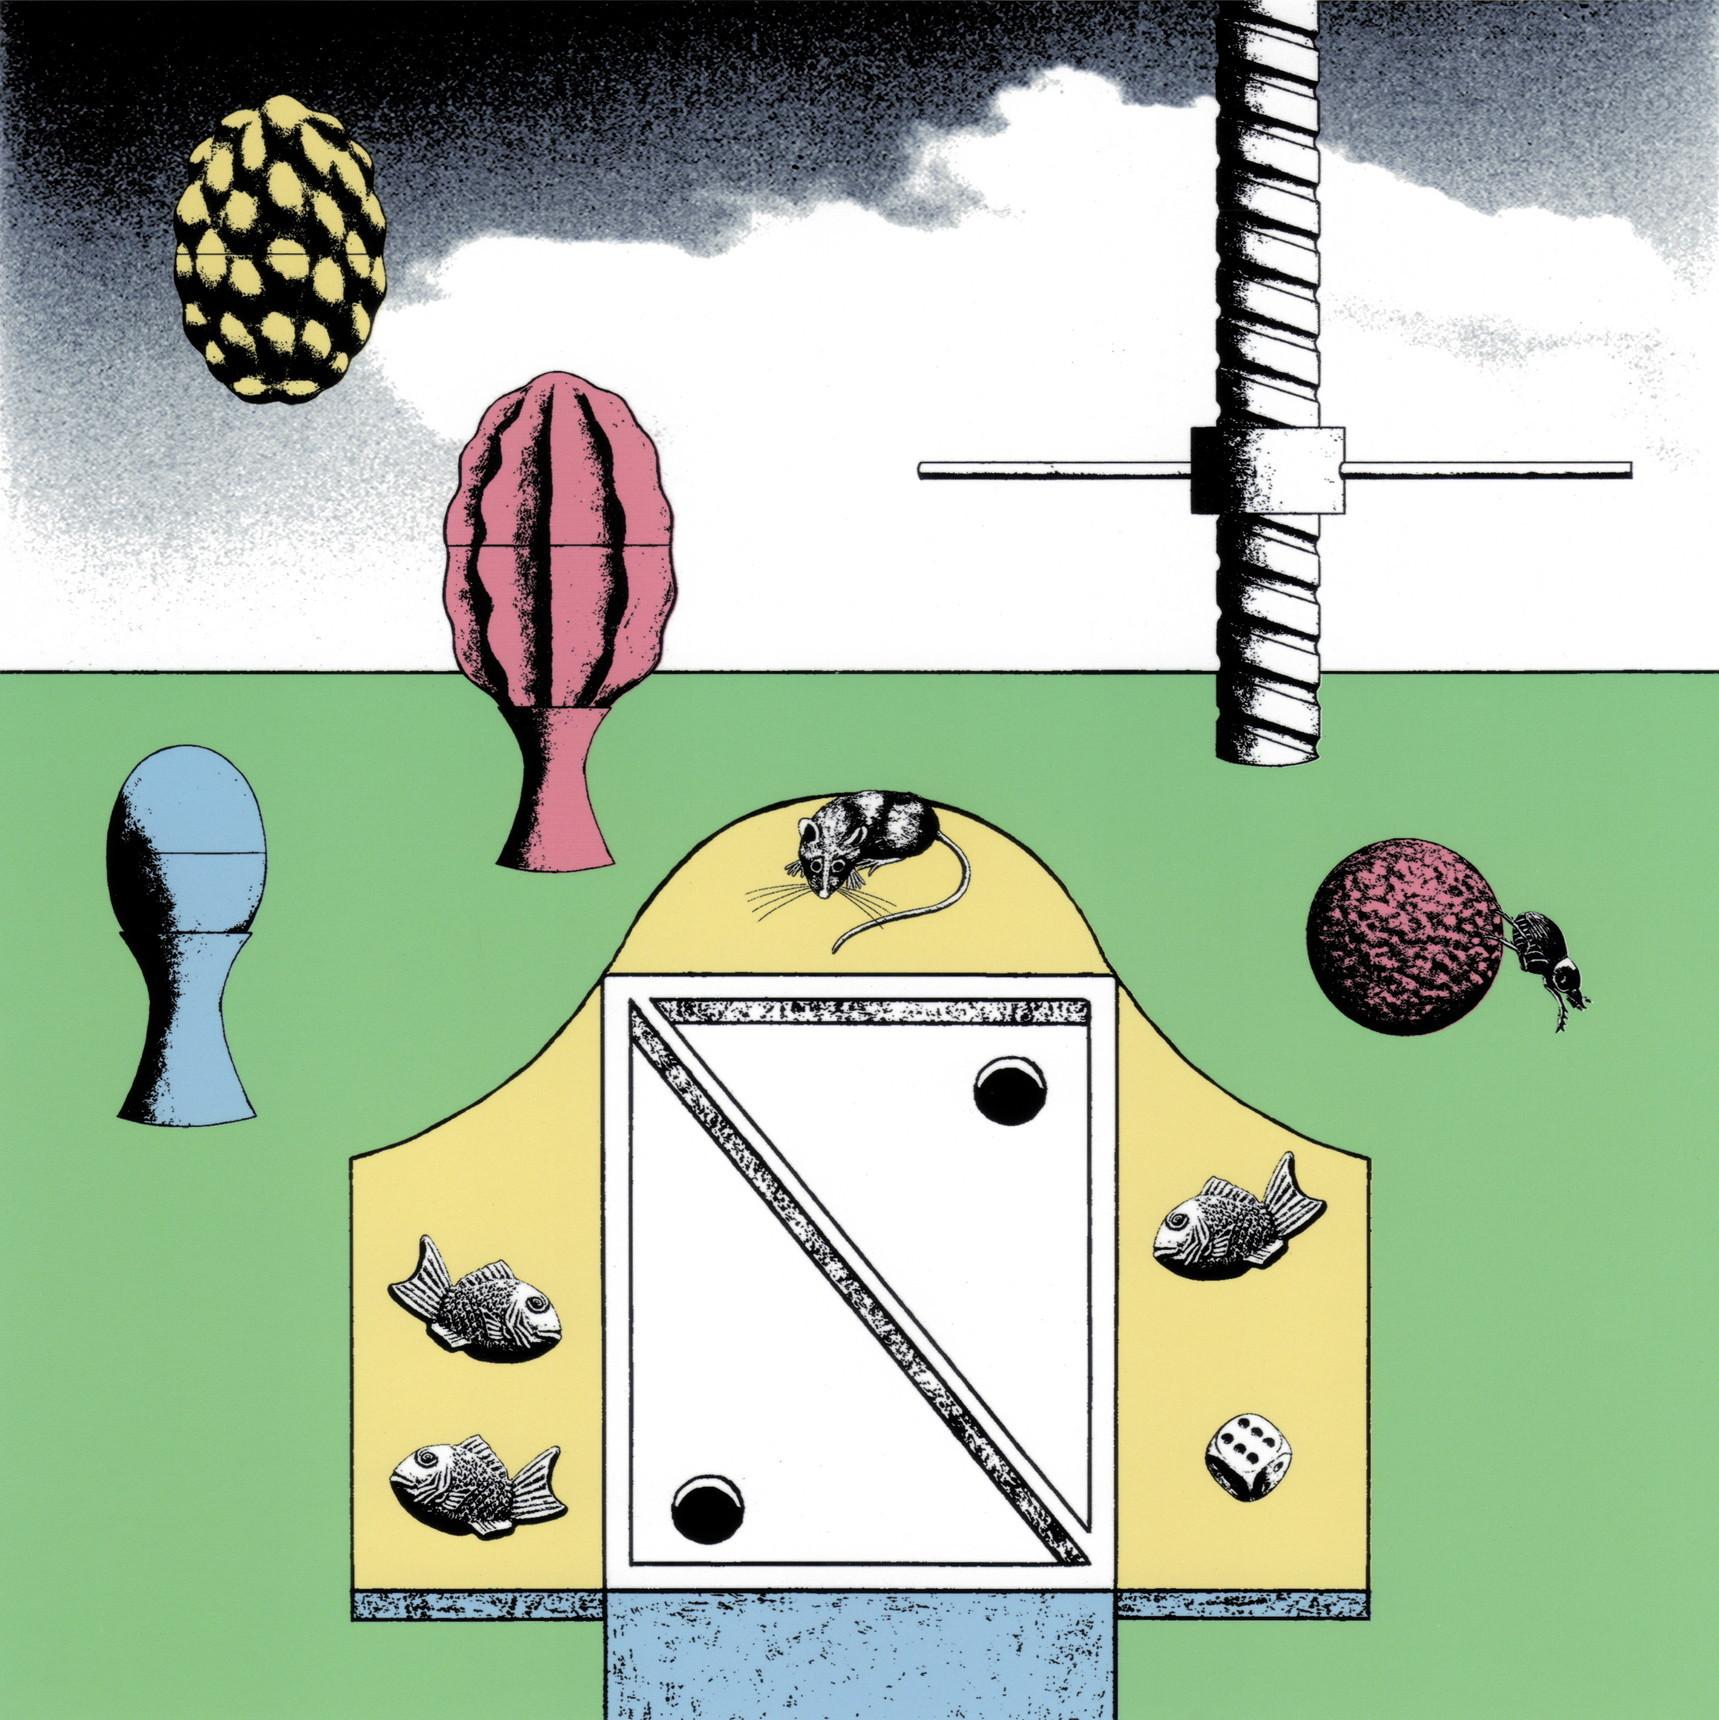 絵画 インテリア アートパネル 雑貨 壁掛け 置物 おしゃれ 現代アート イラストレーション ロココロ 画家 : 斉木晃 作品 : 続きの続き